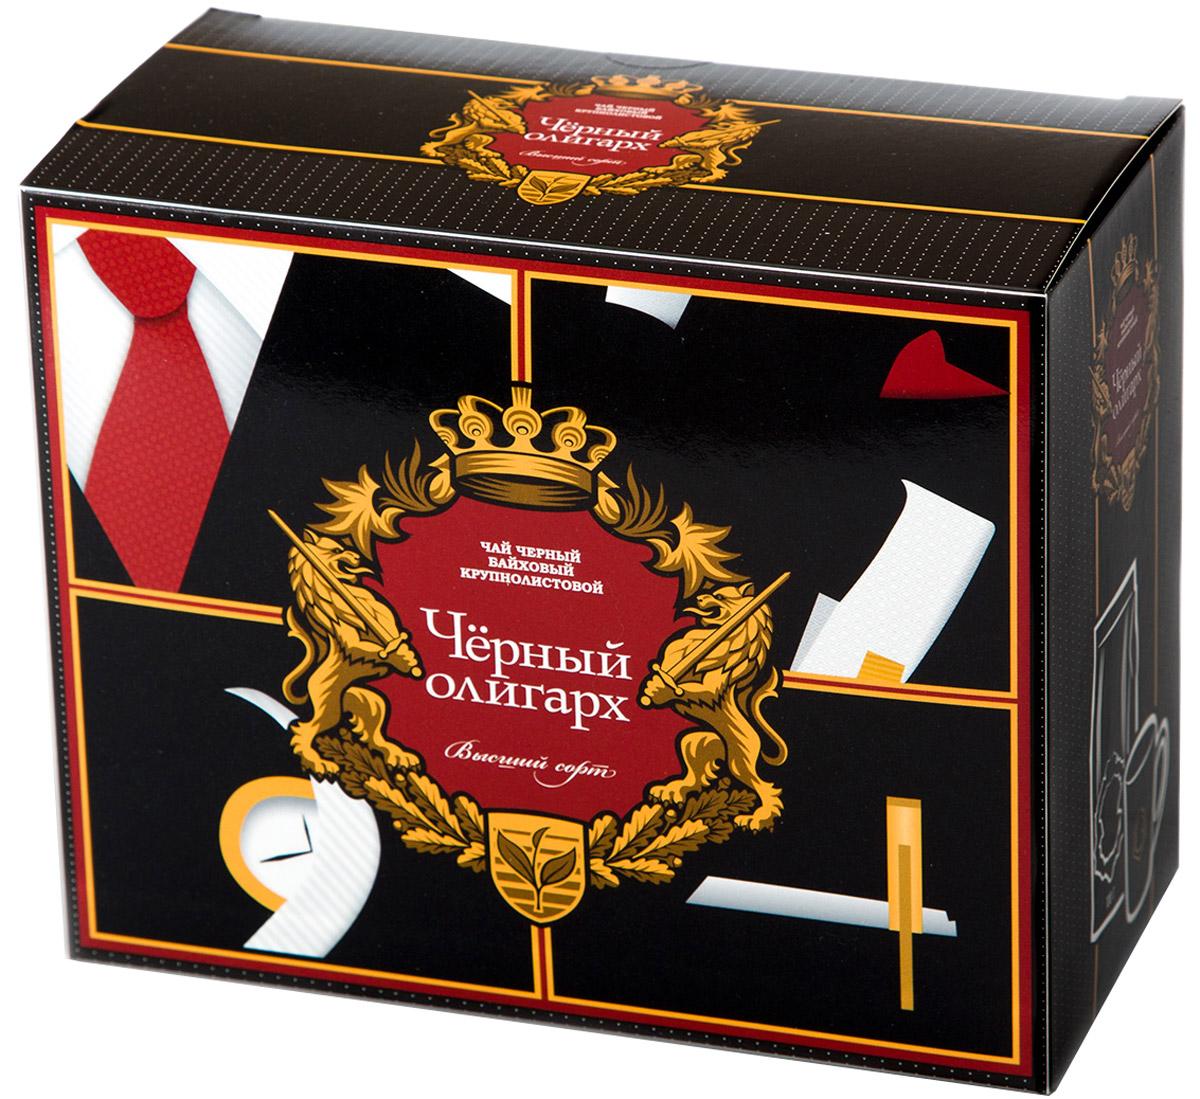 Черный Олигарх Набор подарочный чай черный крупнолистовой, 100 г + кружка 330 мл4612710550285Чай черный байховый крупно-листовой (стандарт ОРА) высшего качества. Место произрастания чайного листа - Юго-Восточная Азия. Обладает терпким насыщенным вкусом и красивым темно-красным цветом настоя.В комплекте кружка с логотипом.Всё о чае: сорта, факты, советы по выбору и употреблению. Статья OZON Гид